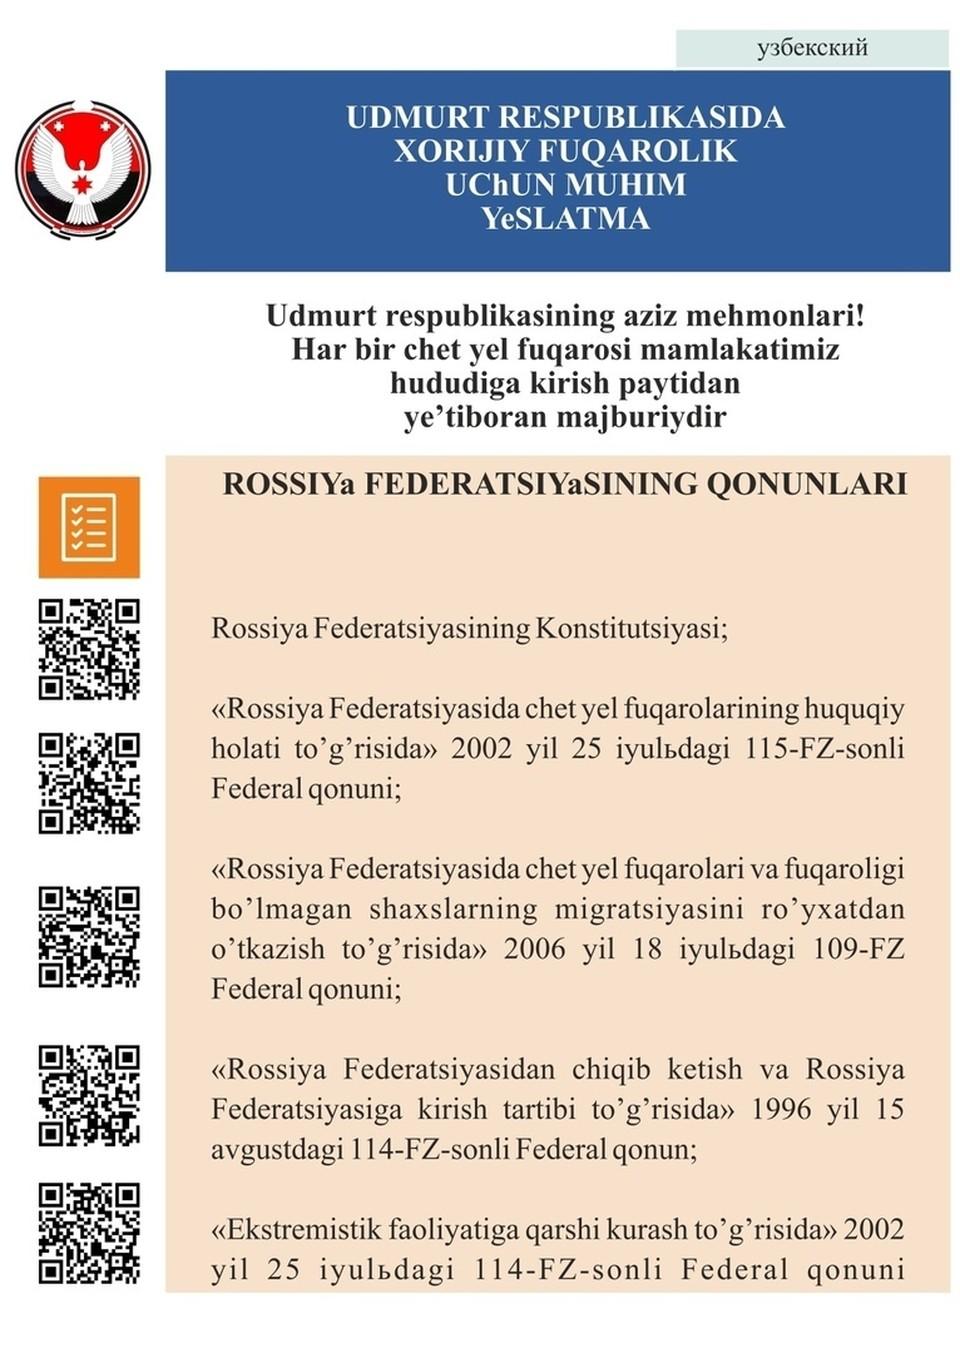 Памятка на узбекском языке Фото: пресс-служба Дома дружбы народов